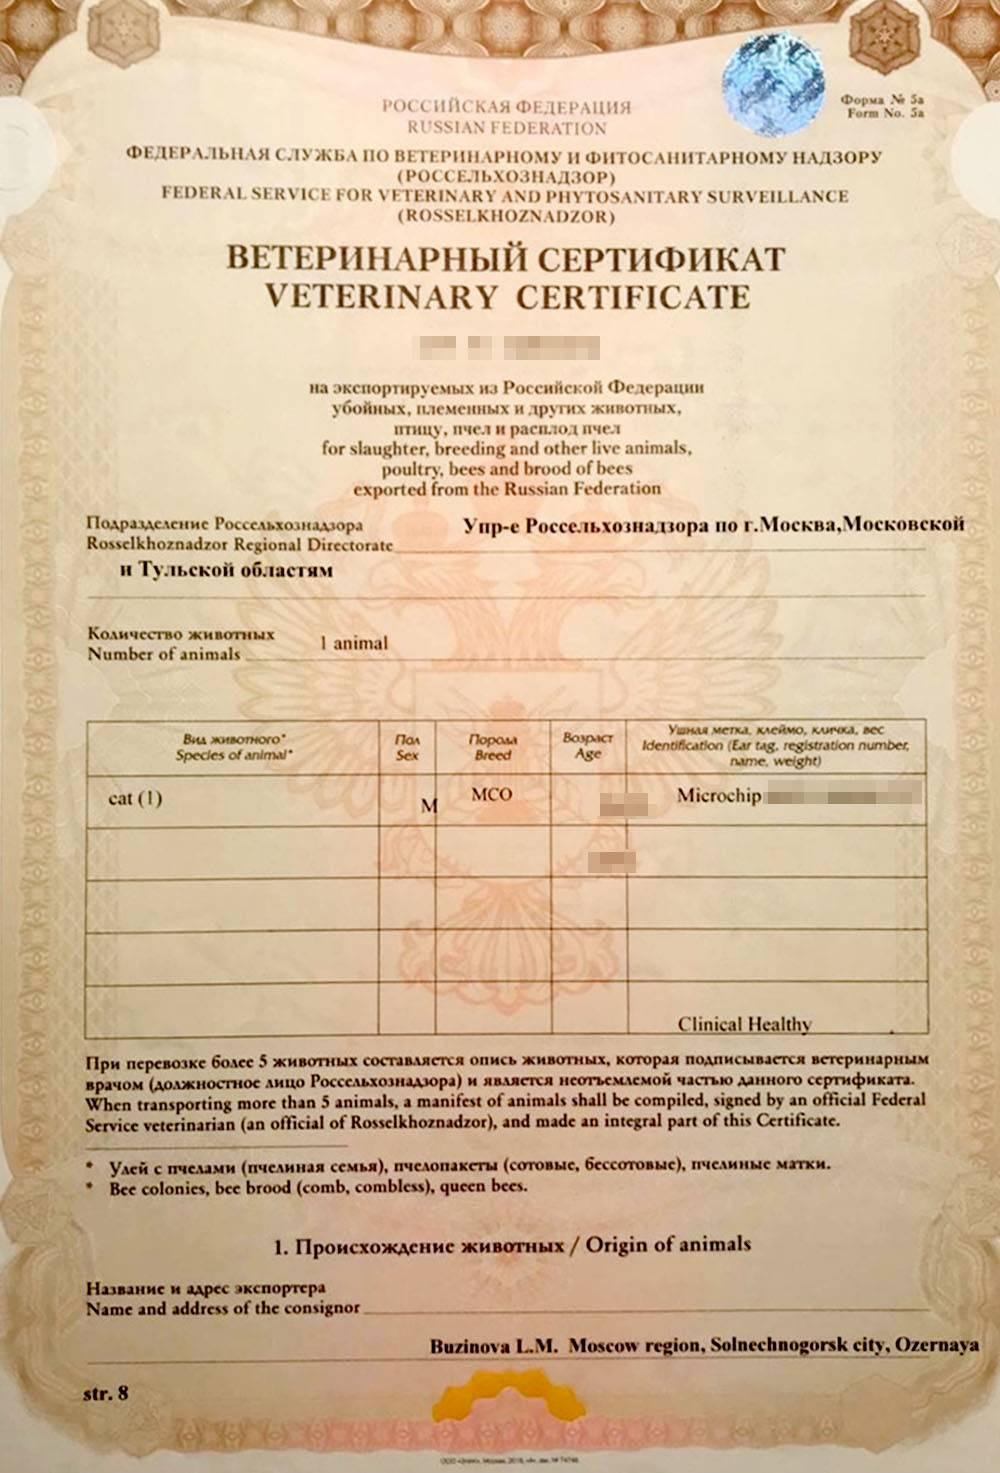 Сертификат моего кота, который куратор получил в аэропорту в обмен на записи о чипировании и прививках животного